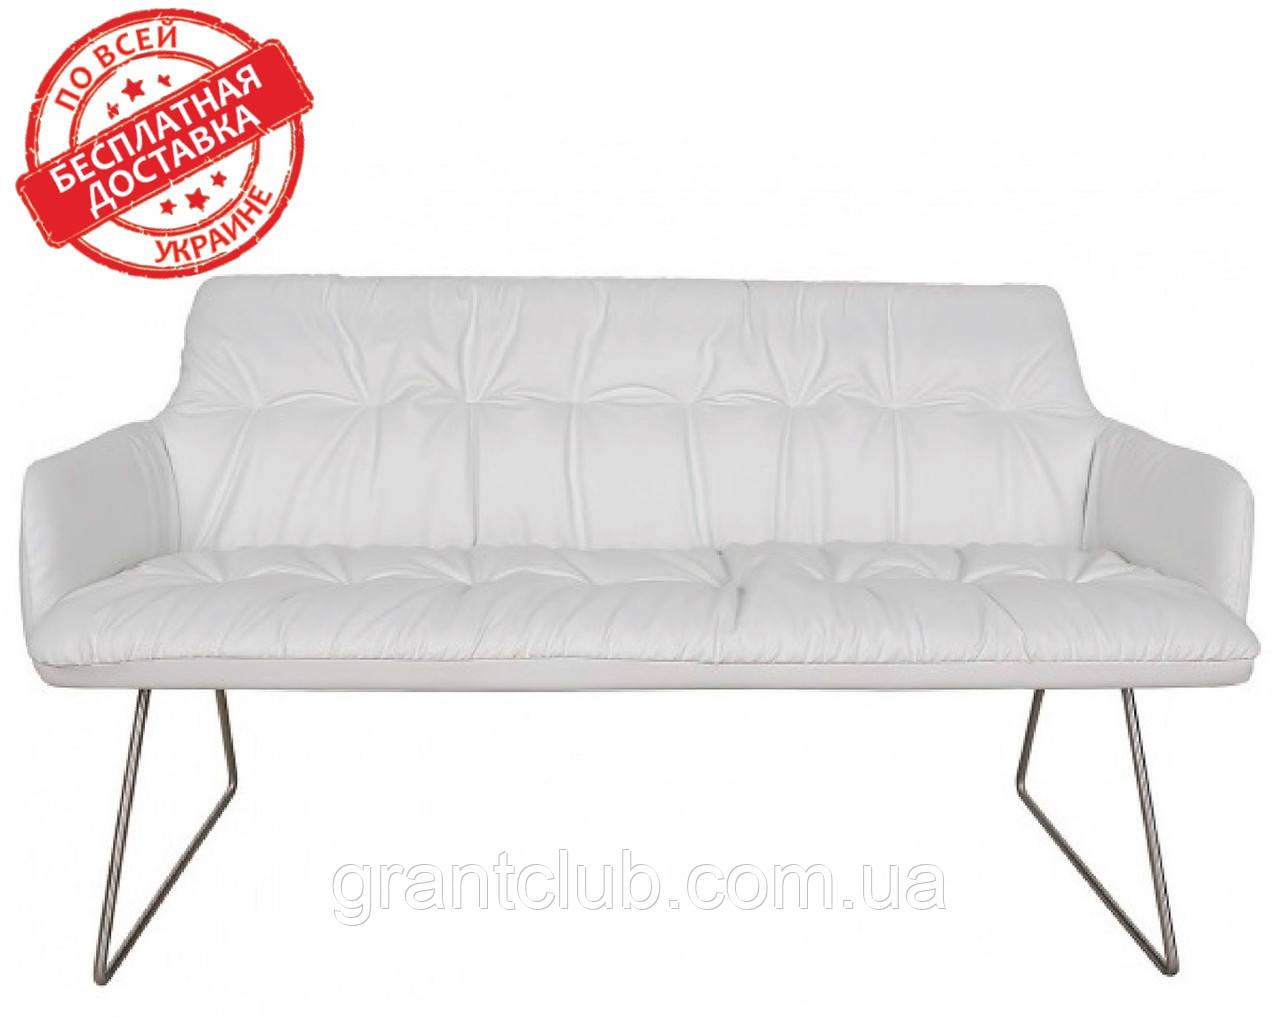 Кресло - банкетка LEON белый кожзам 155 см Nicolas (бесплатная адресная доставка)